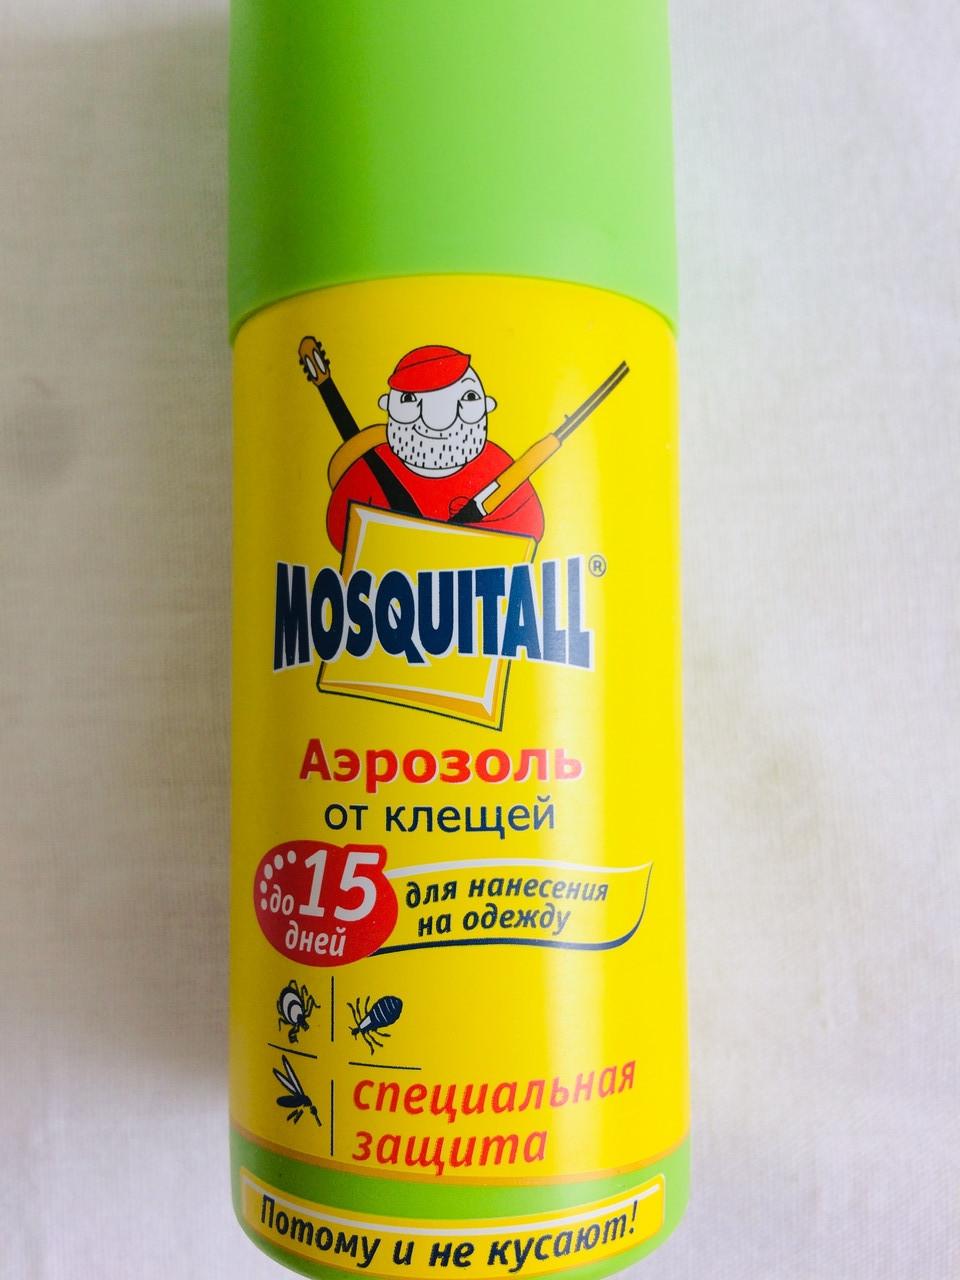 Аэрозоль от клещей  Mosquitall 15 дней